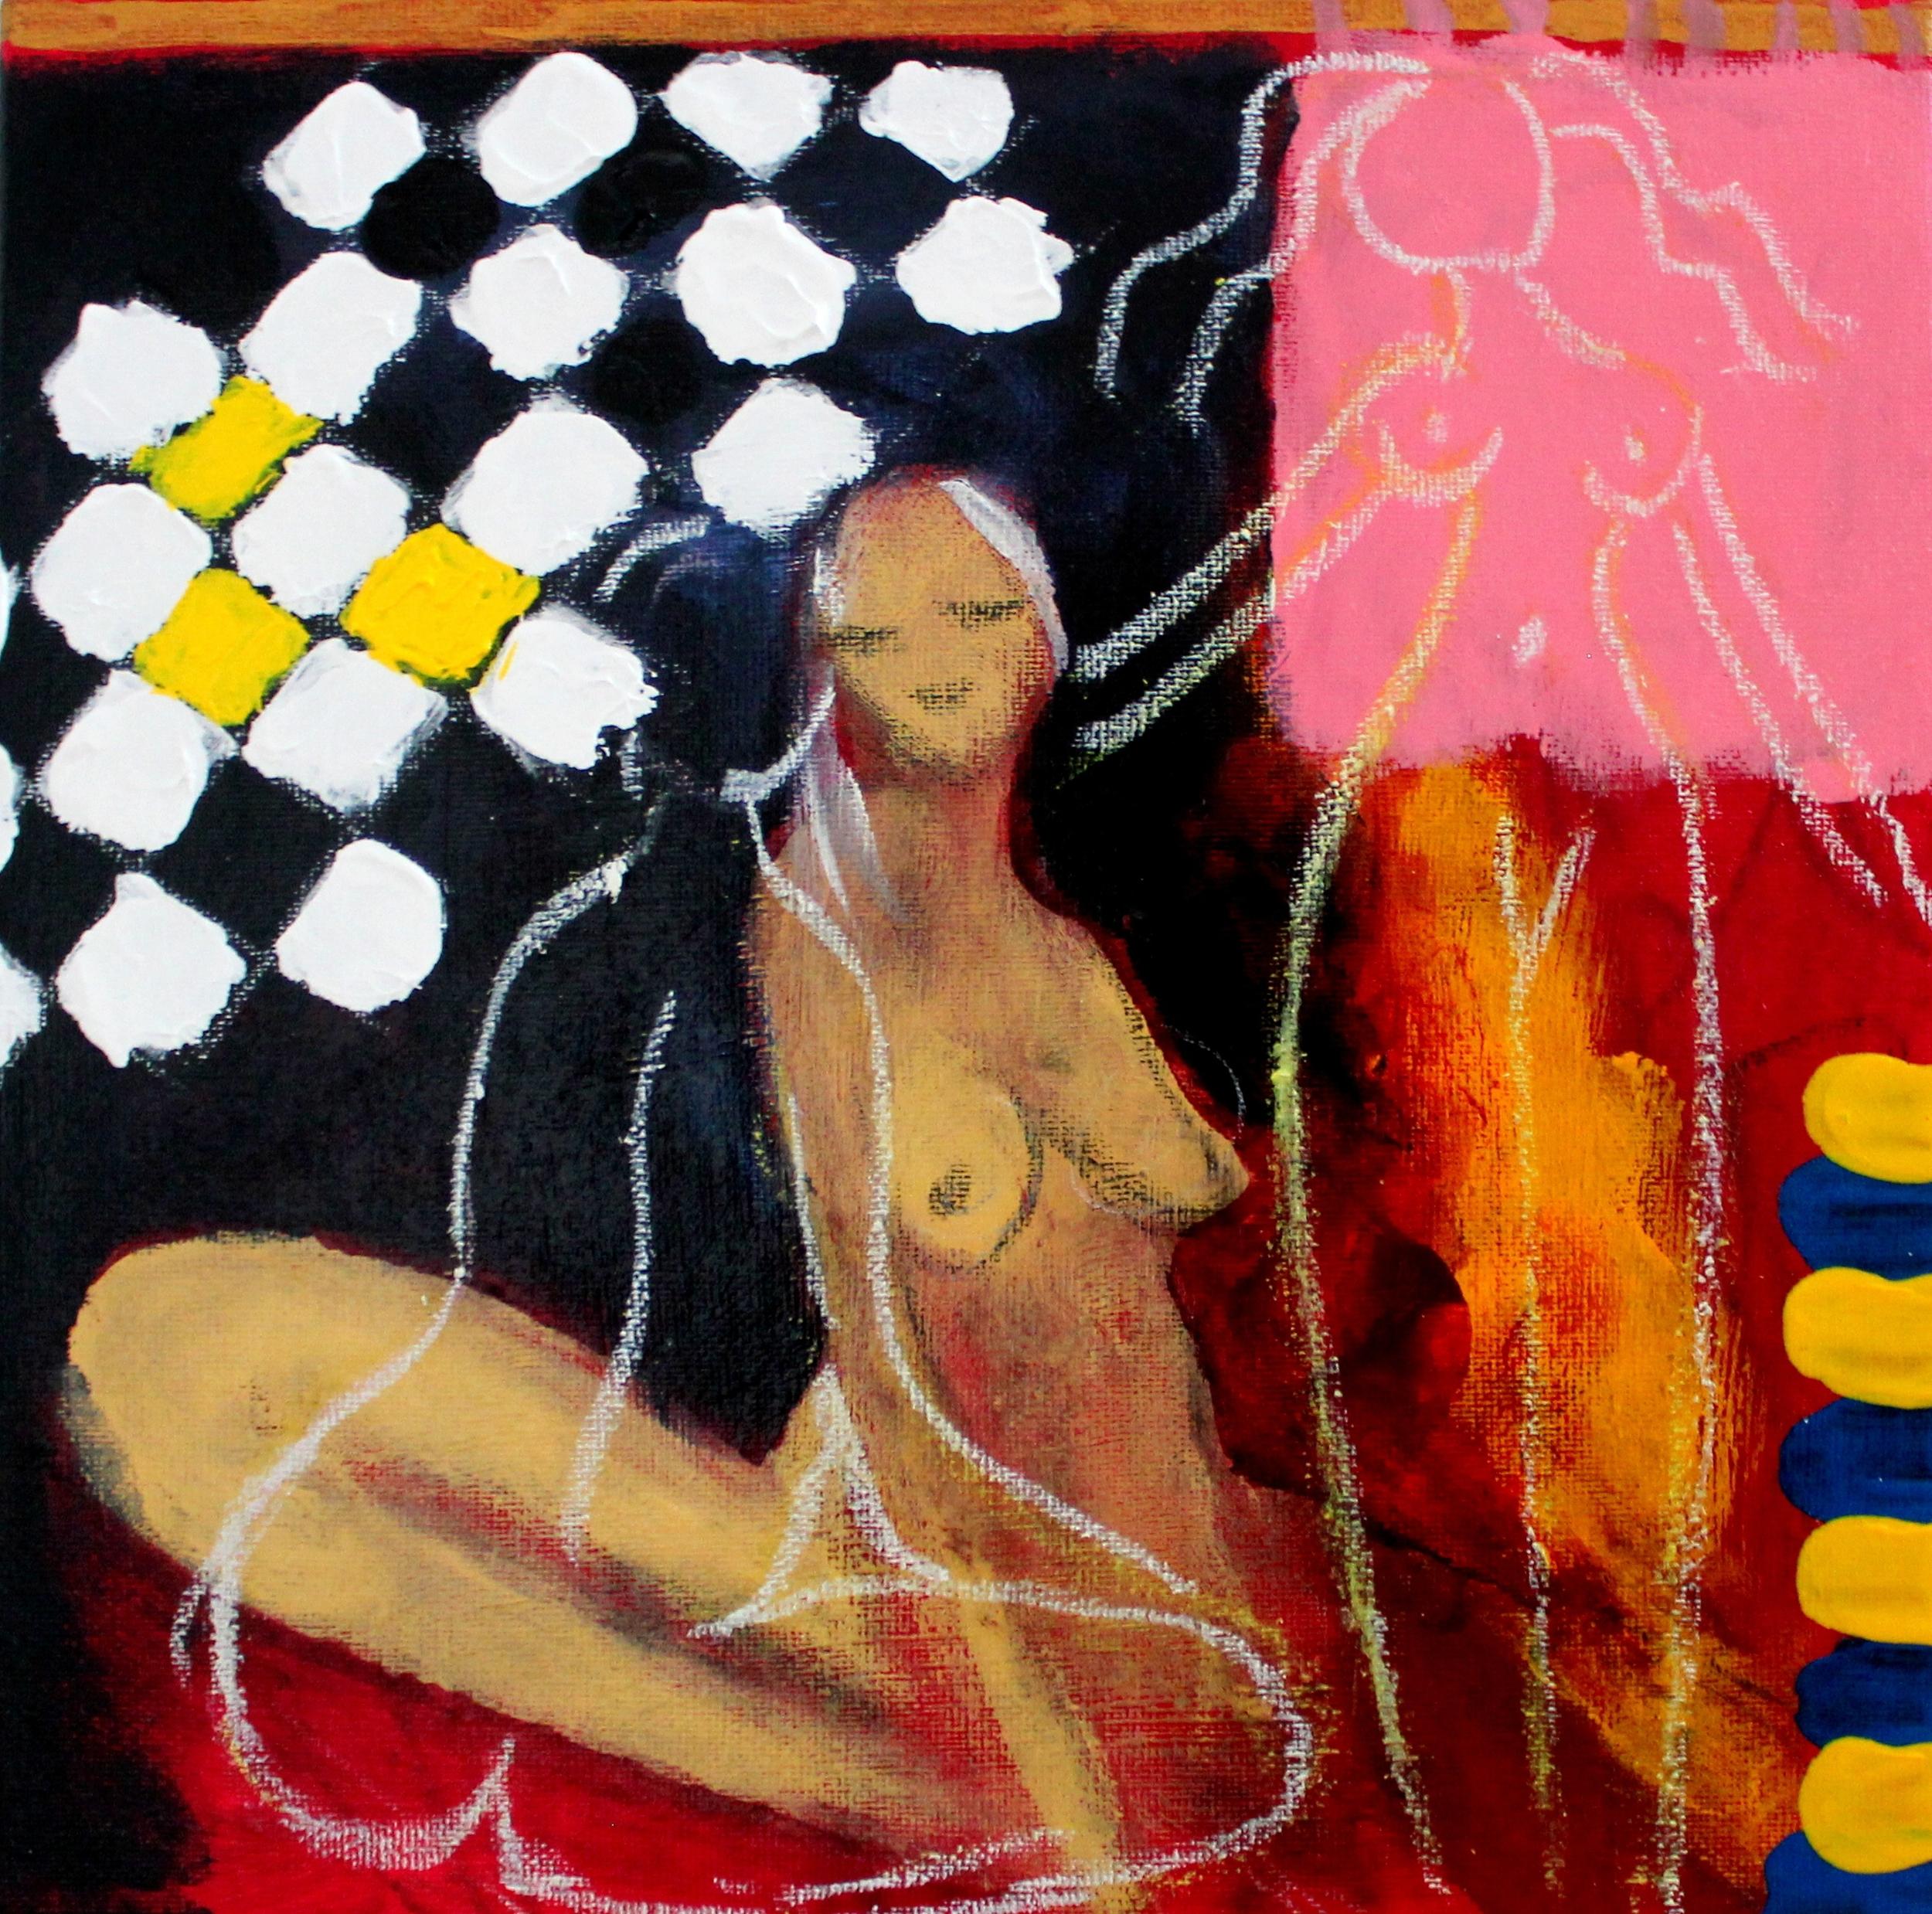 Malerier til salg -klik her